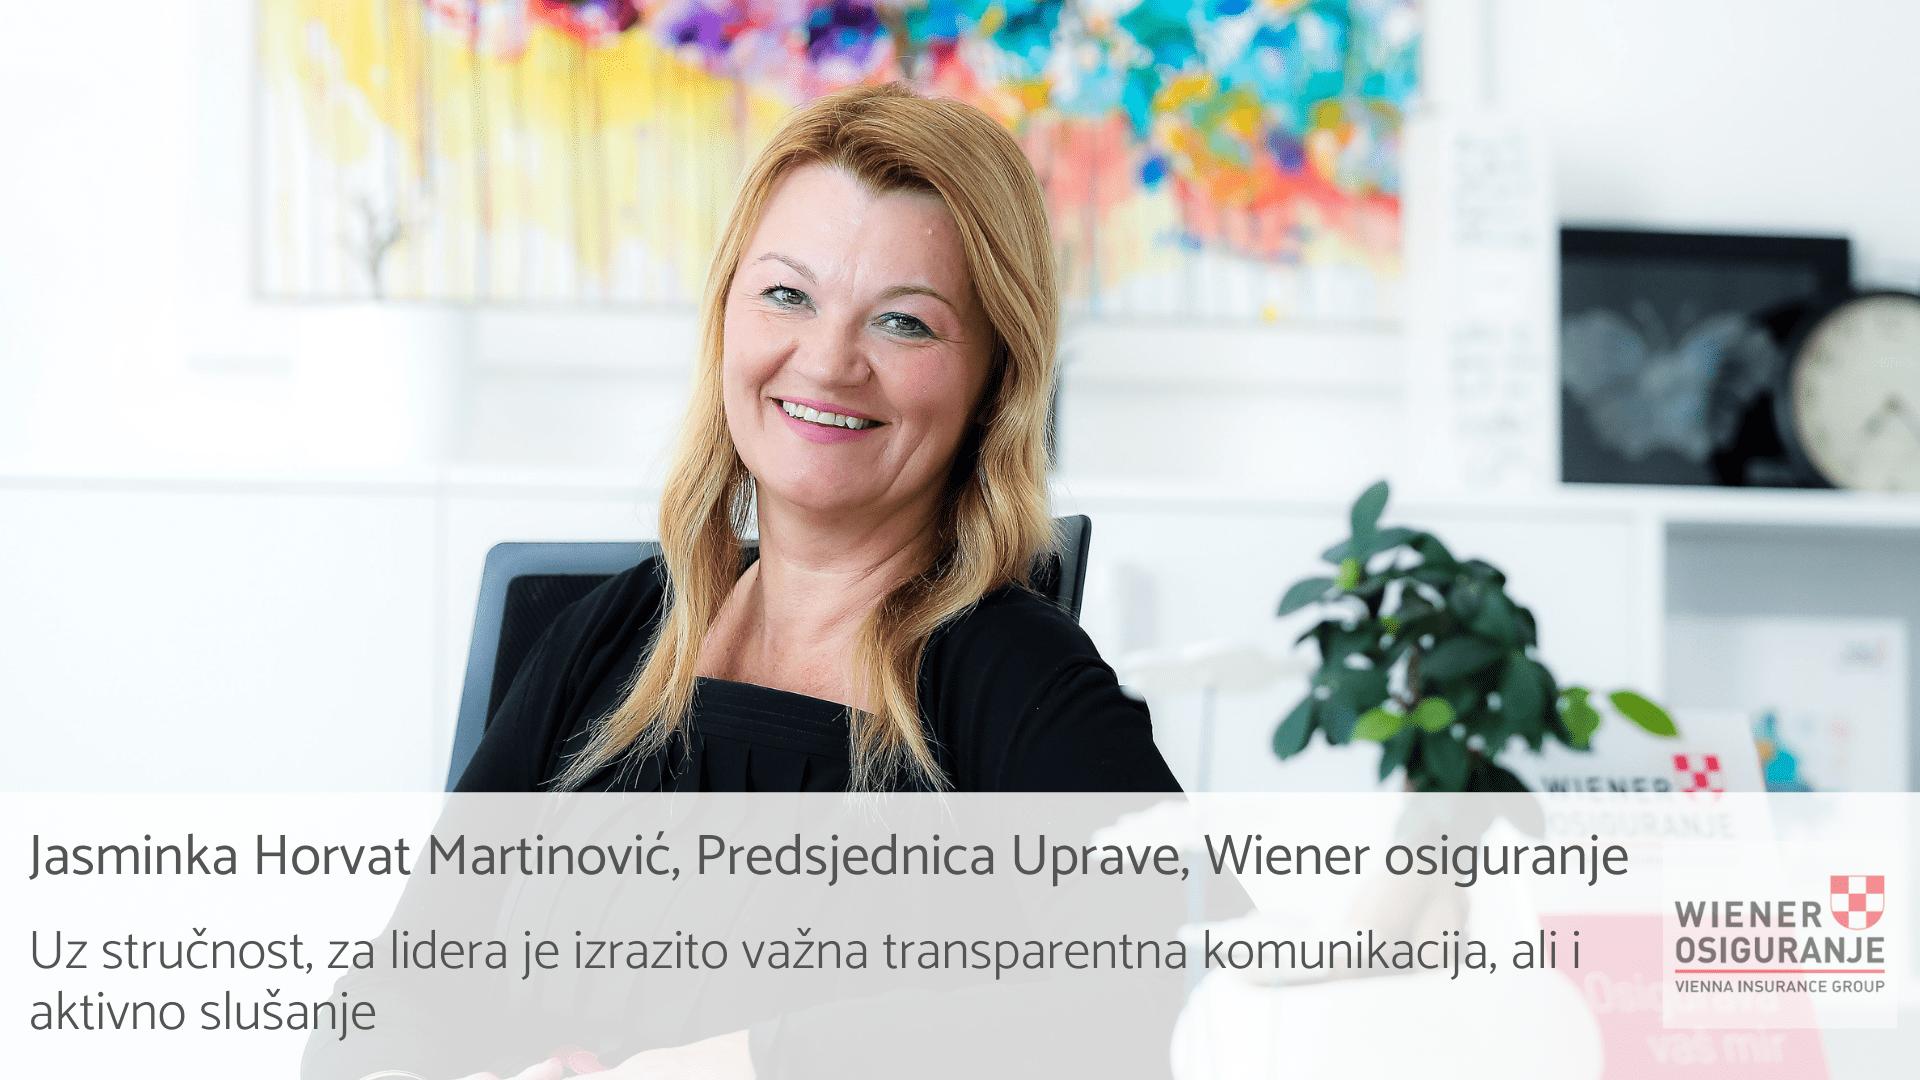 Intervju: Jasminka Horvat Martinović, Predsjednica Uprave Wiener osiguranja   Leadership u praksi